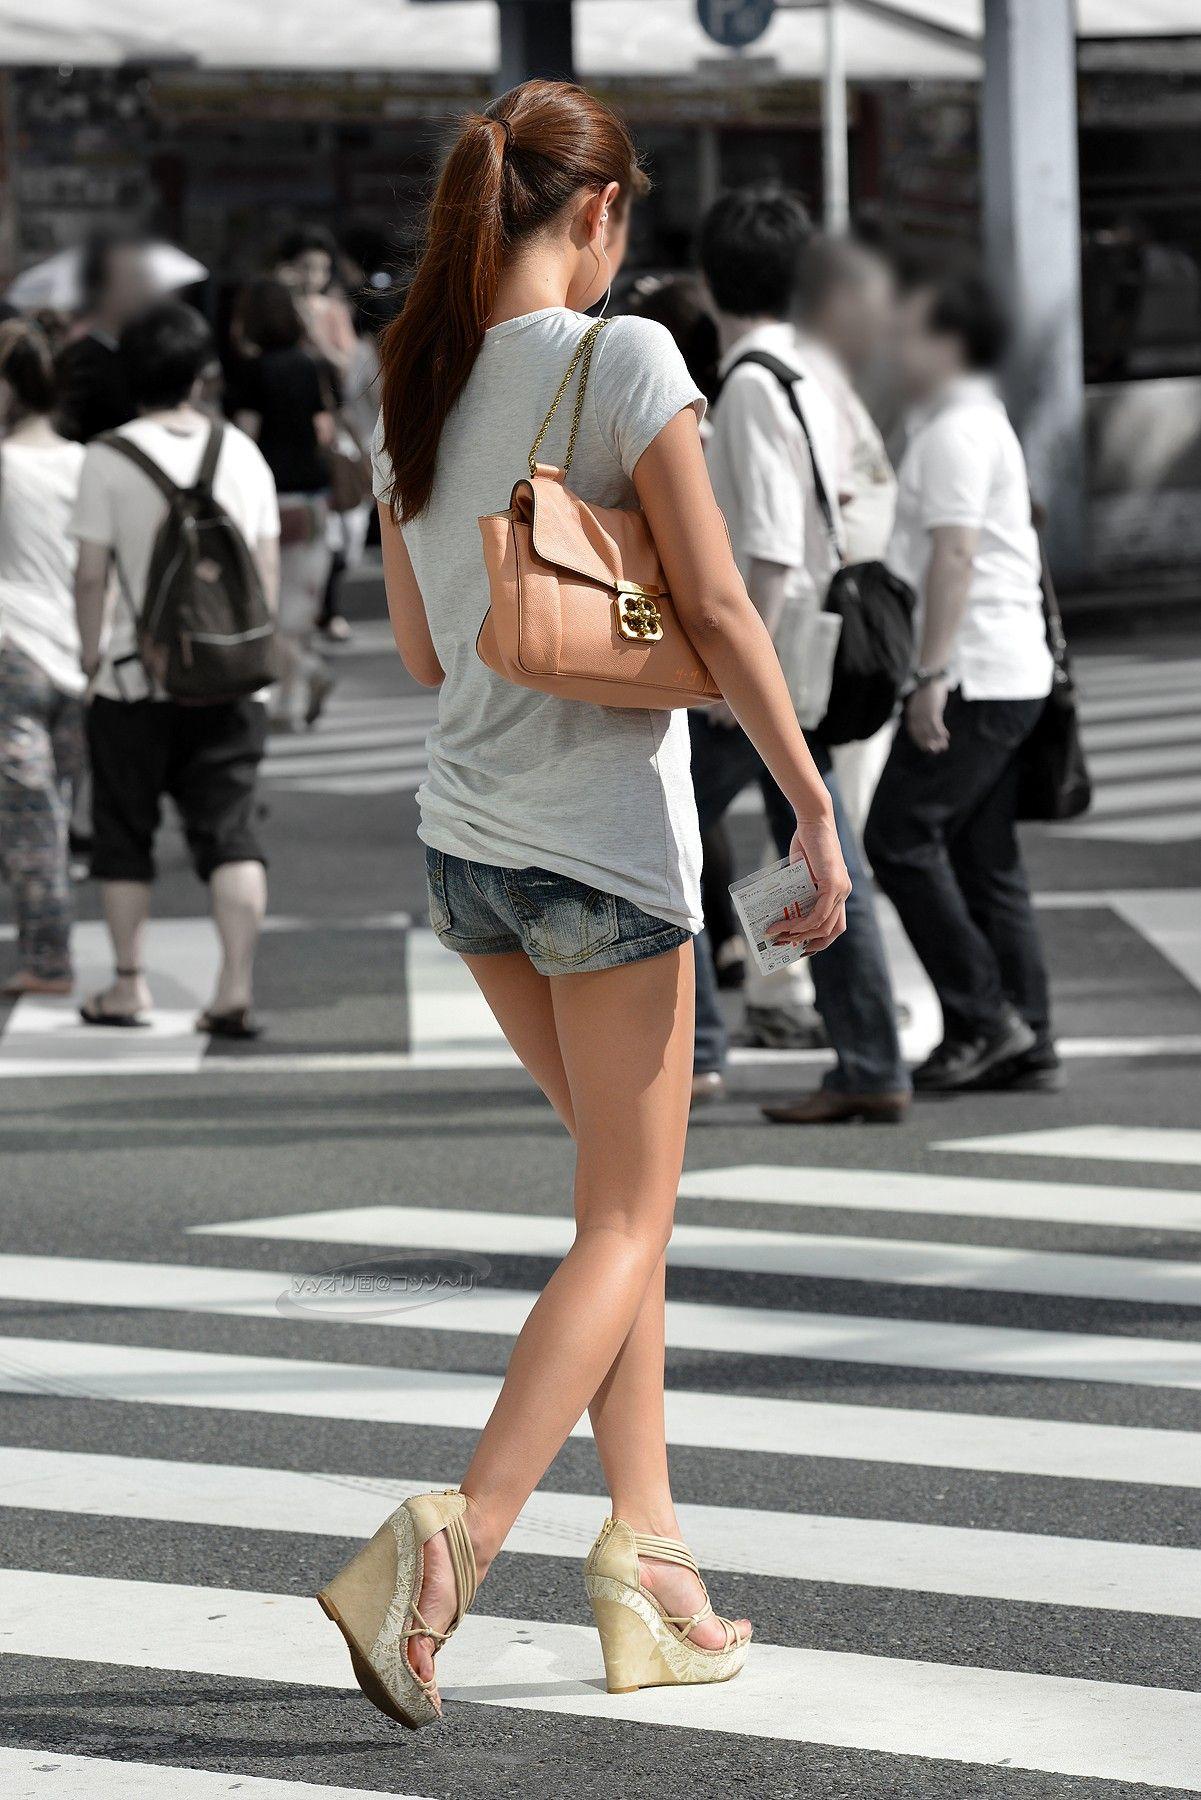 ホットパンツ_美脚_街中_セクシー_エロ画像_03